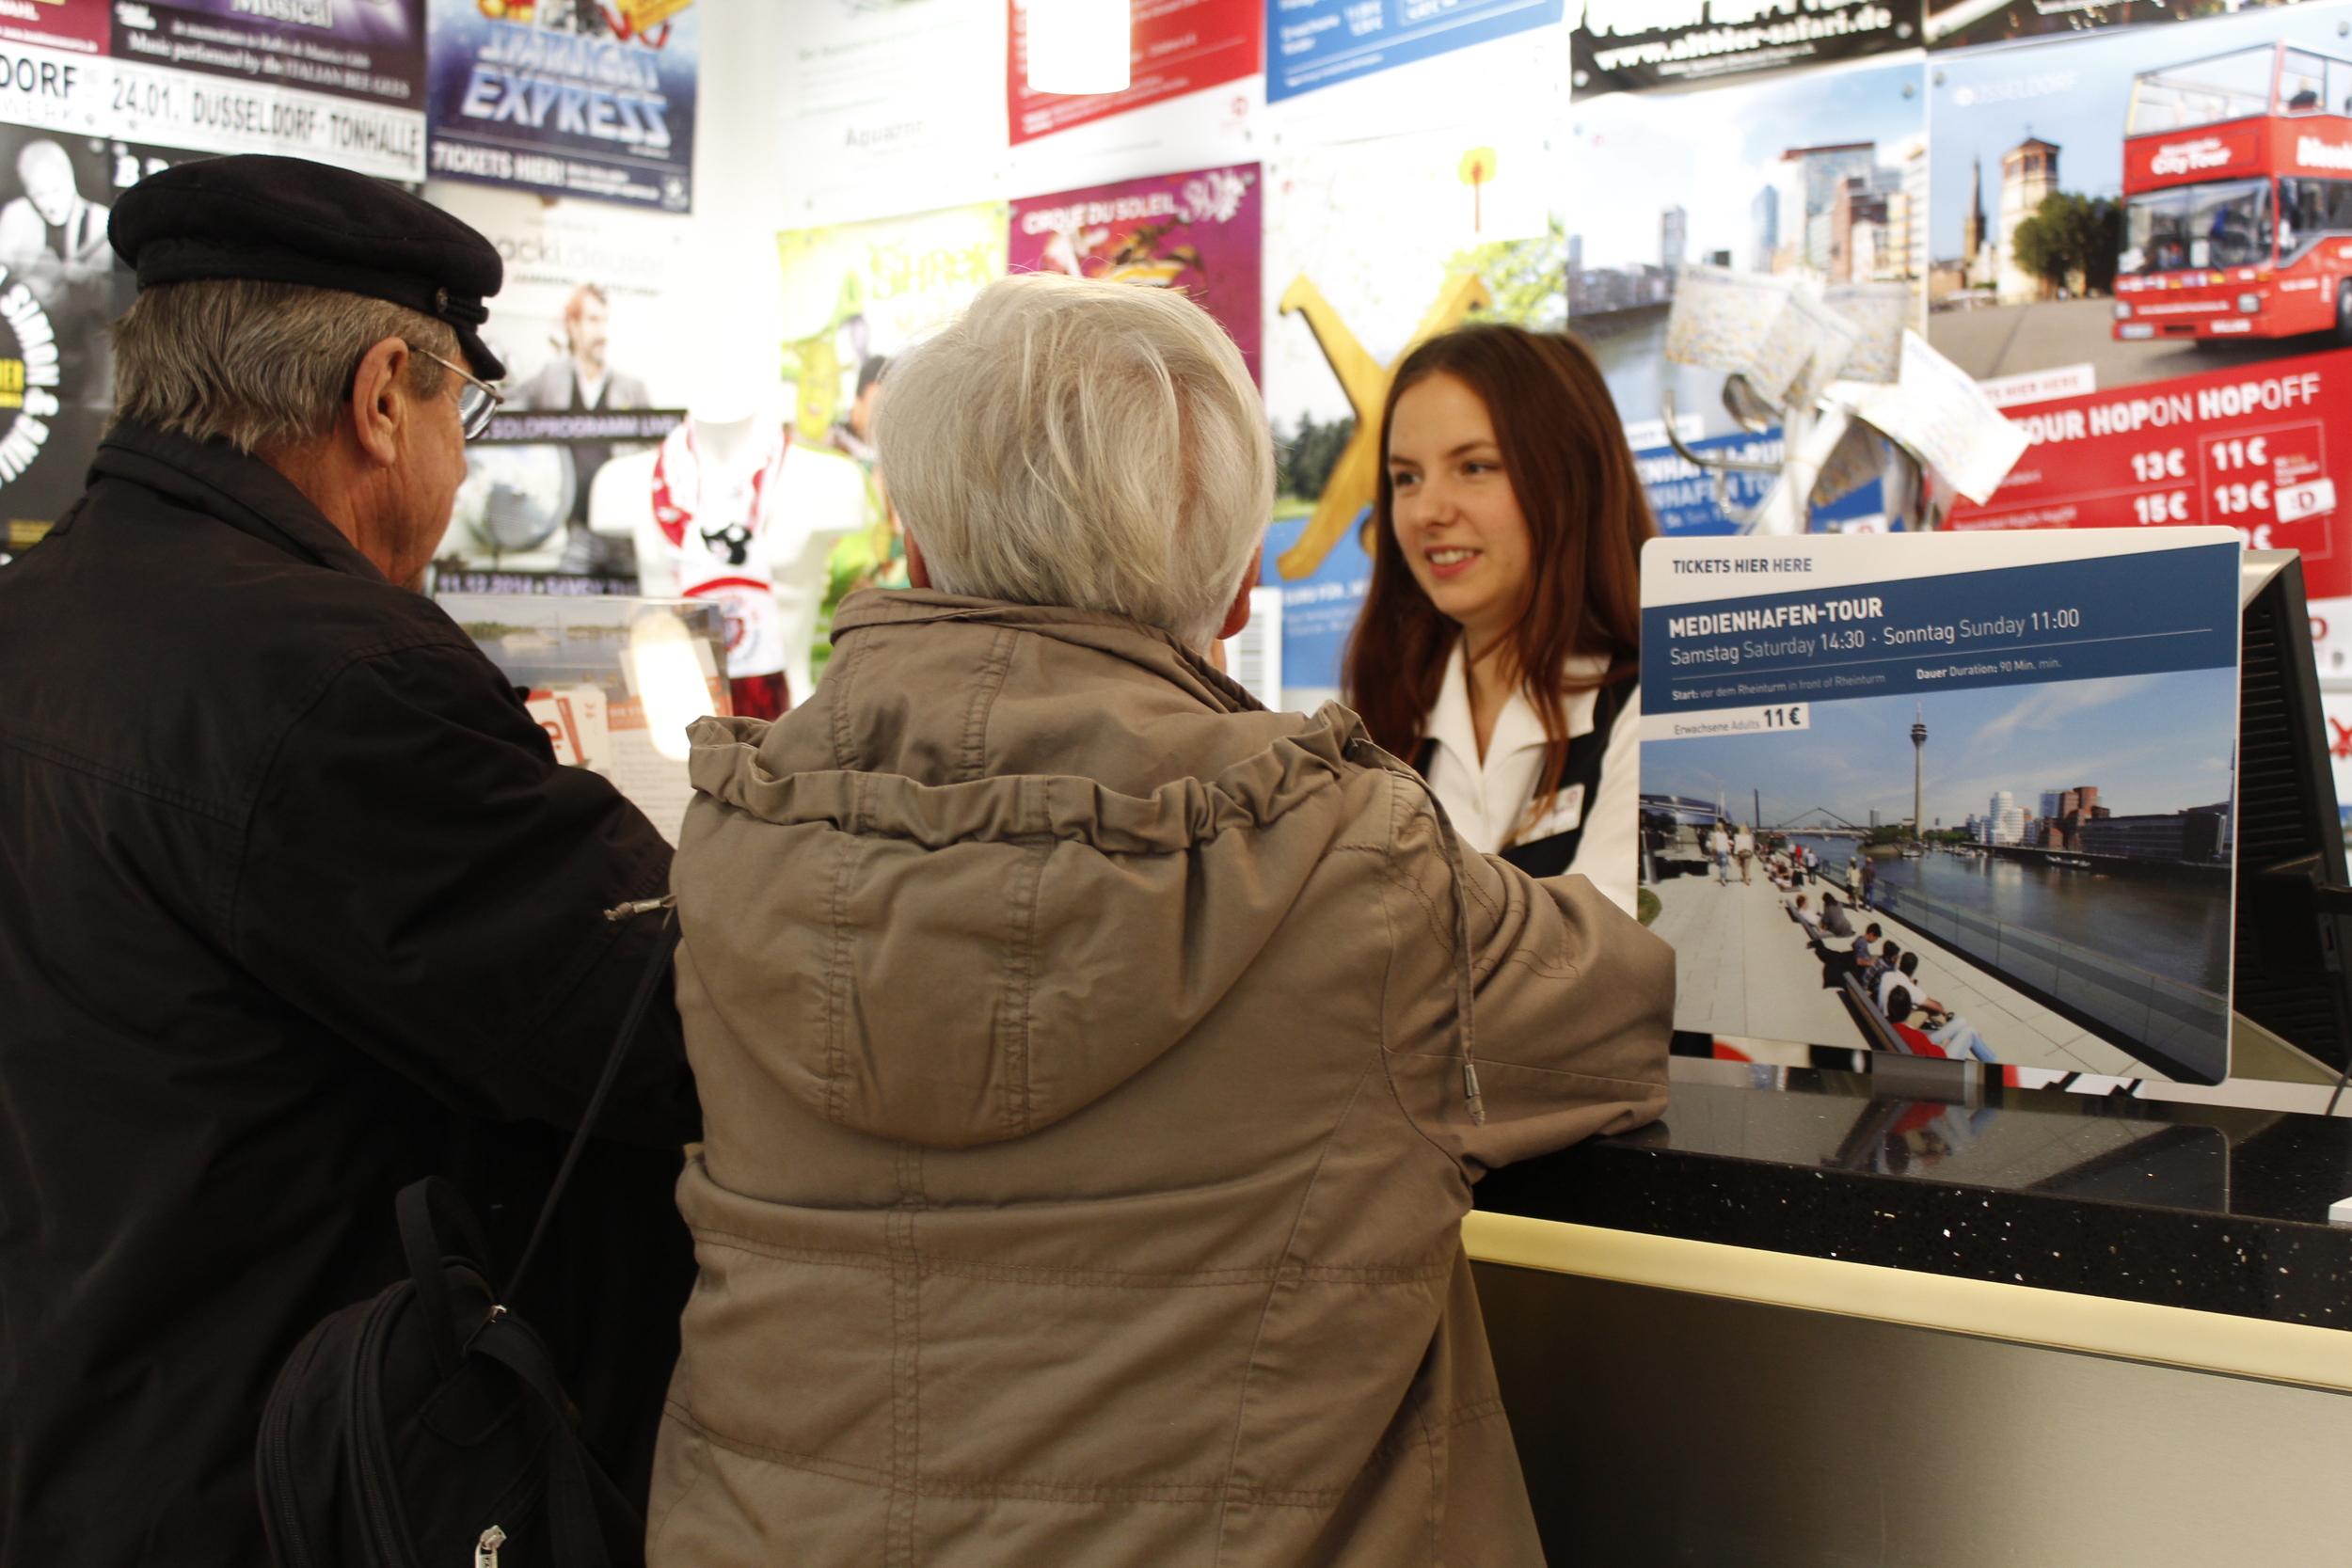 Turister som har frågor om Düsseldorf blir hjälpta avJohanna på turistinformationen.